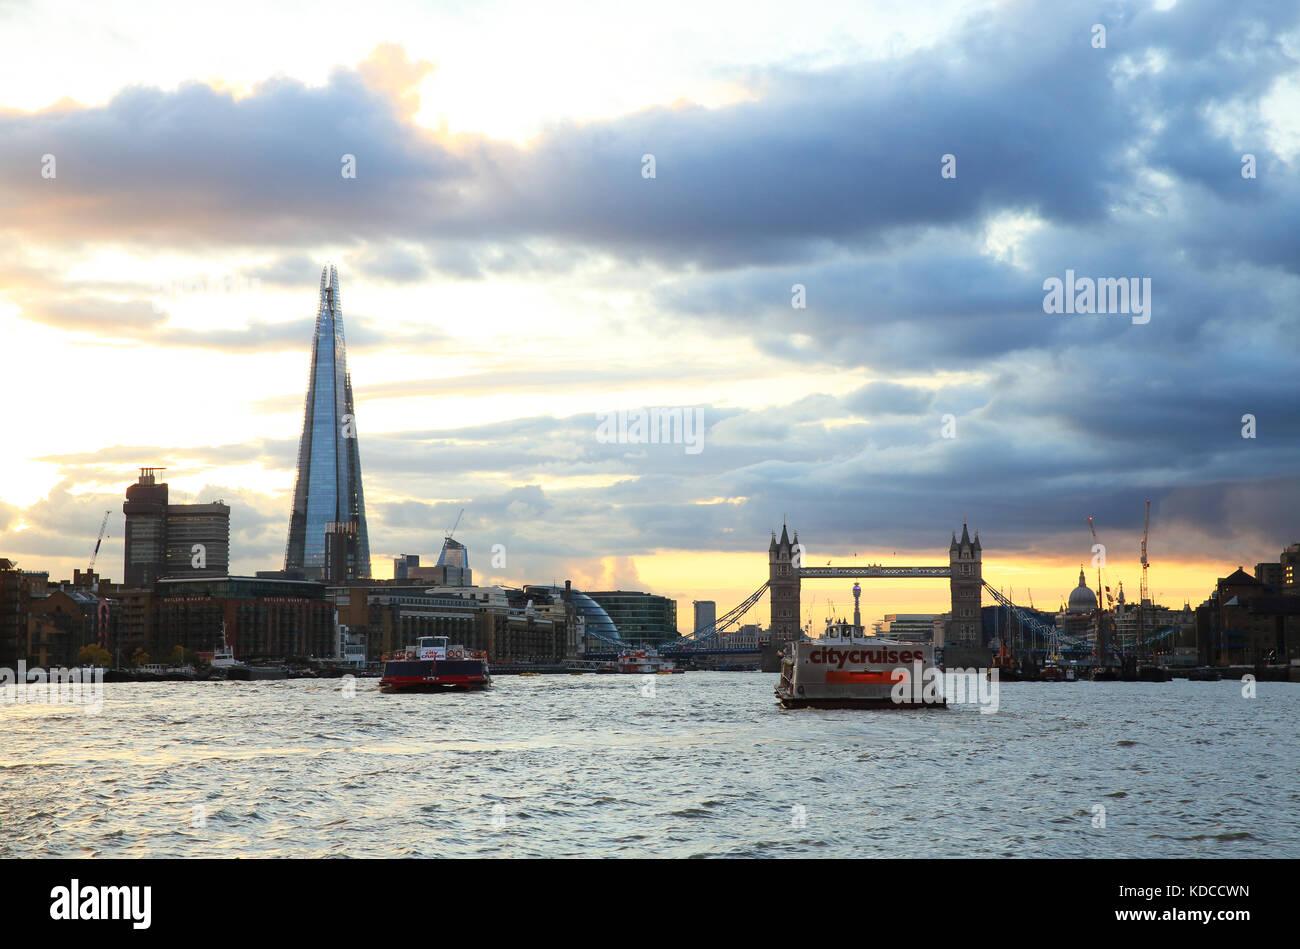 Skyline von London mit dem Shard und Tower Bridge, bei Sonnenuntergang, in England, Großbritannien Stockfoto